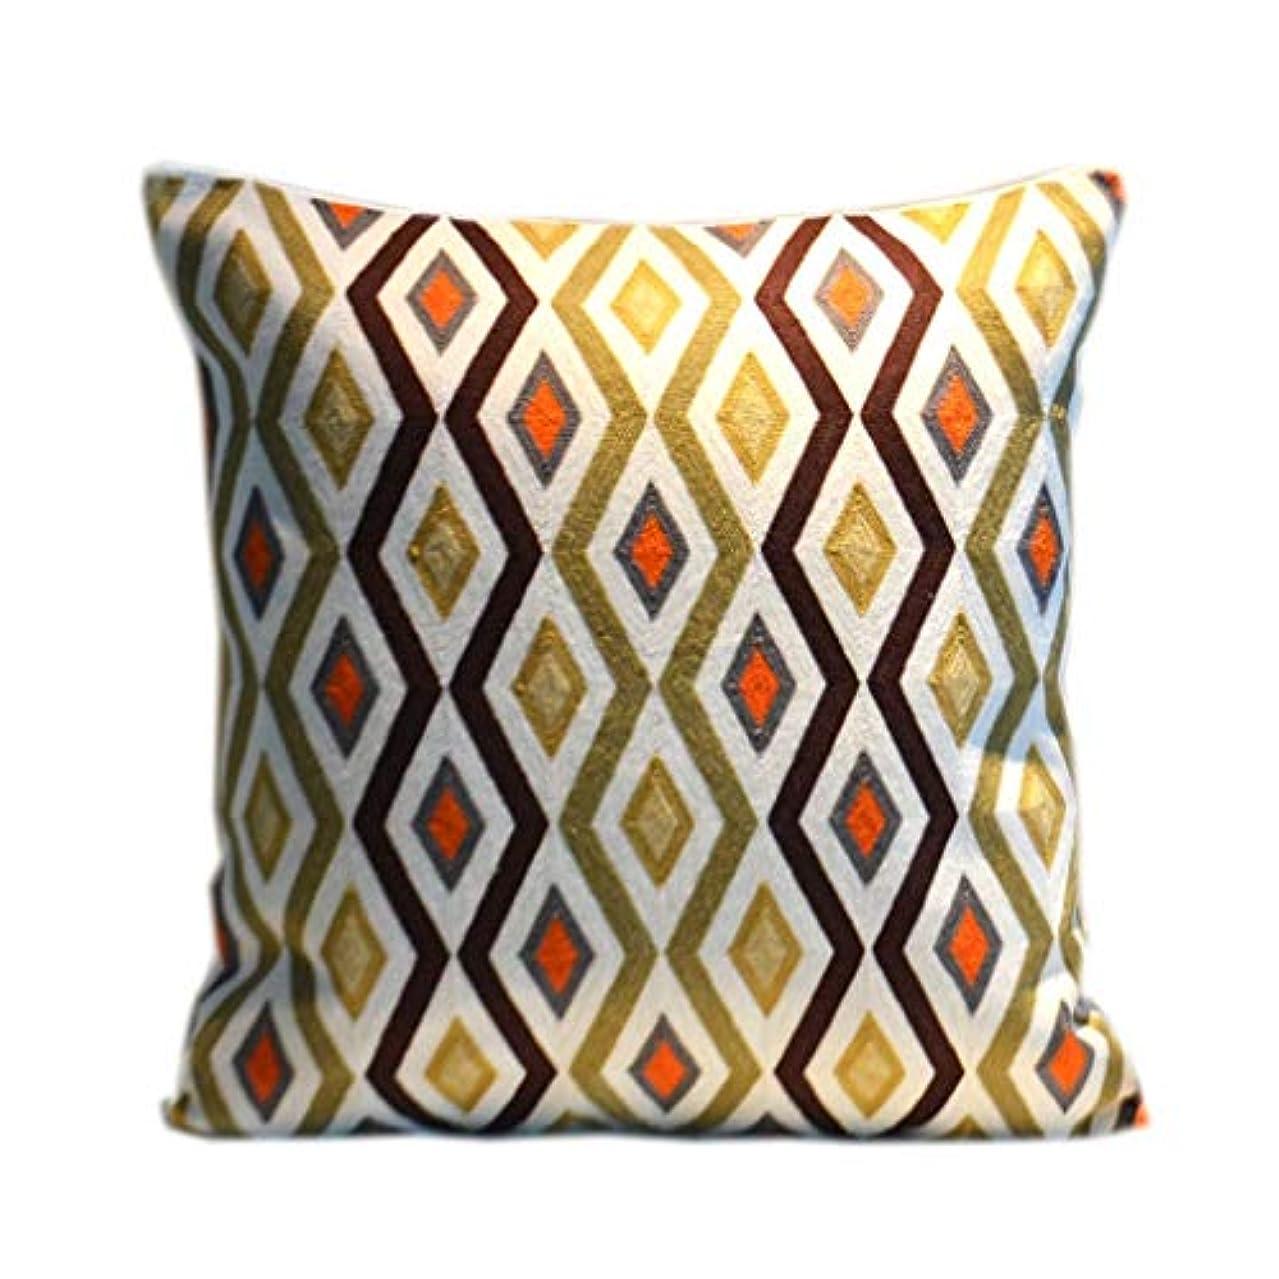 ハドル輪郭混沌18-AnyzhanTrade 綿の枕刺繍枕ベッドサイドクッション抽象クッション枕クッション (Color : 2)